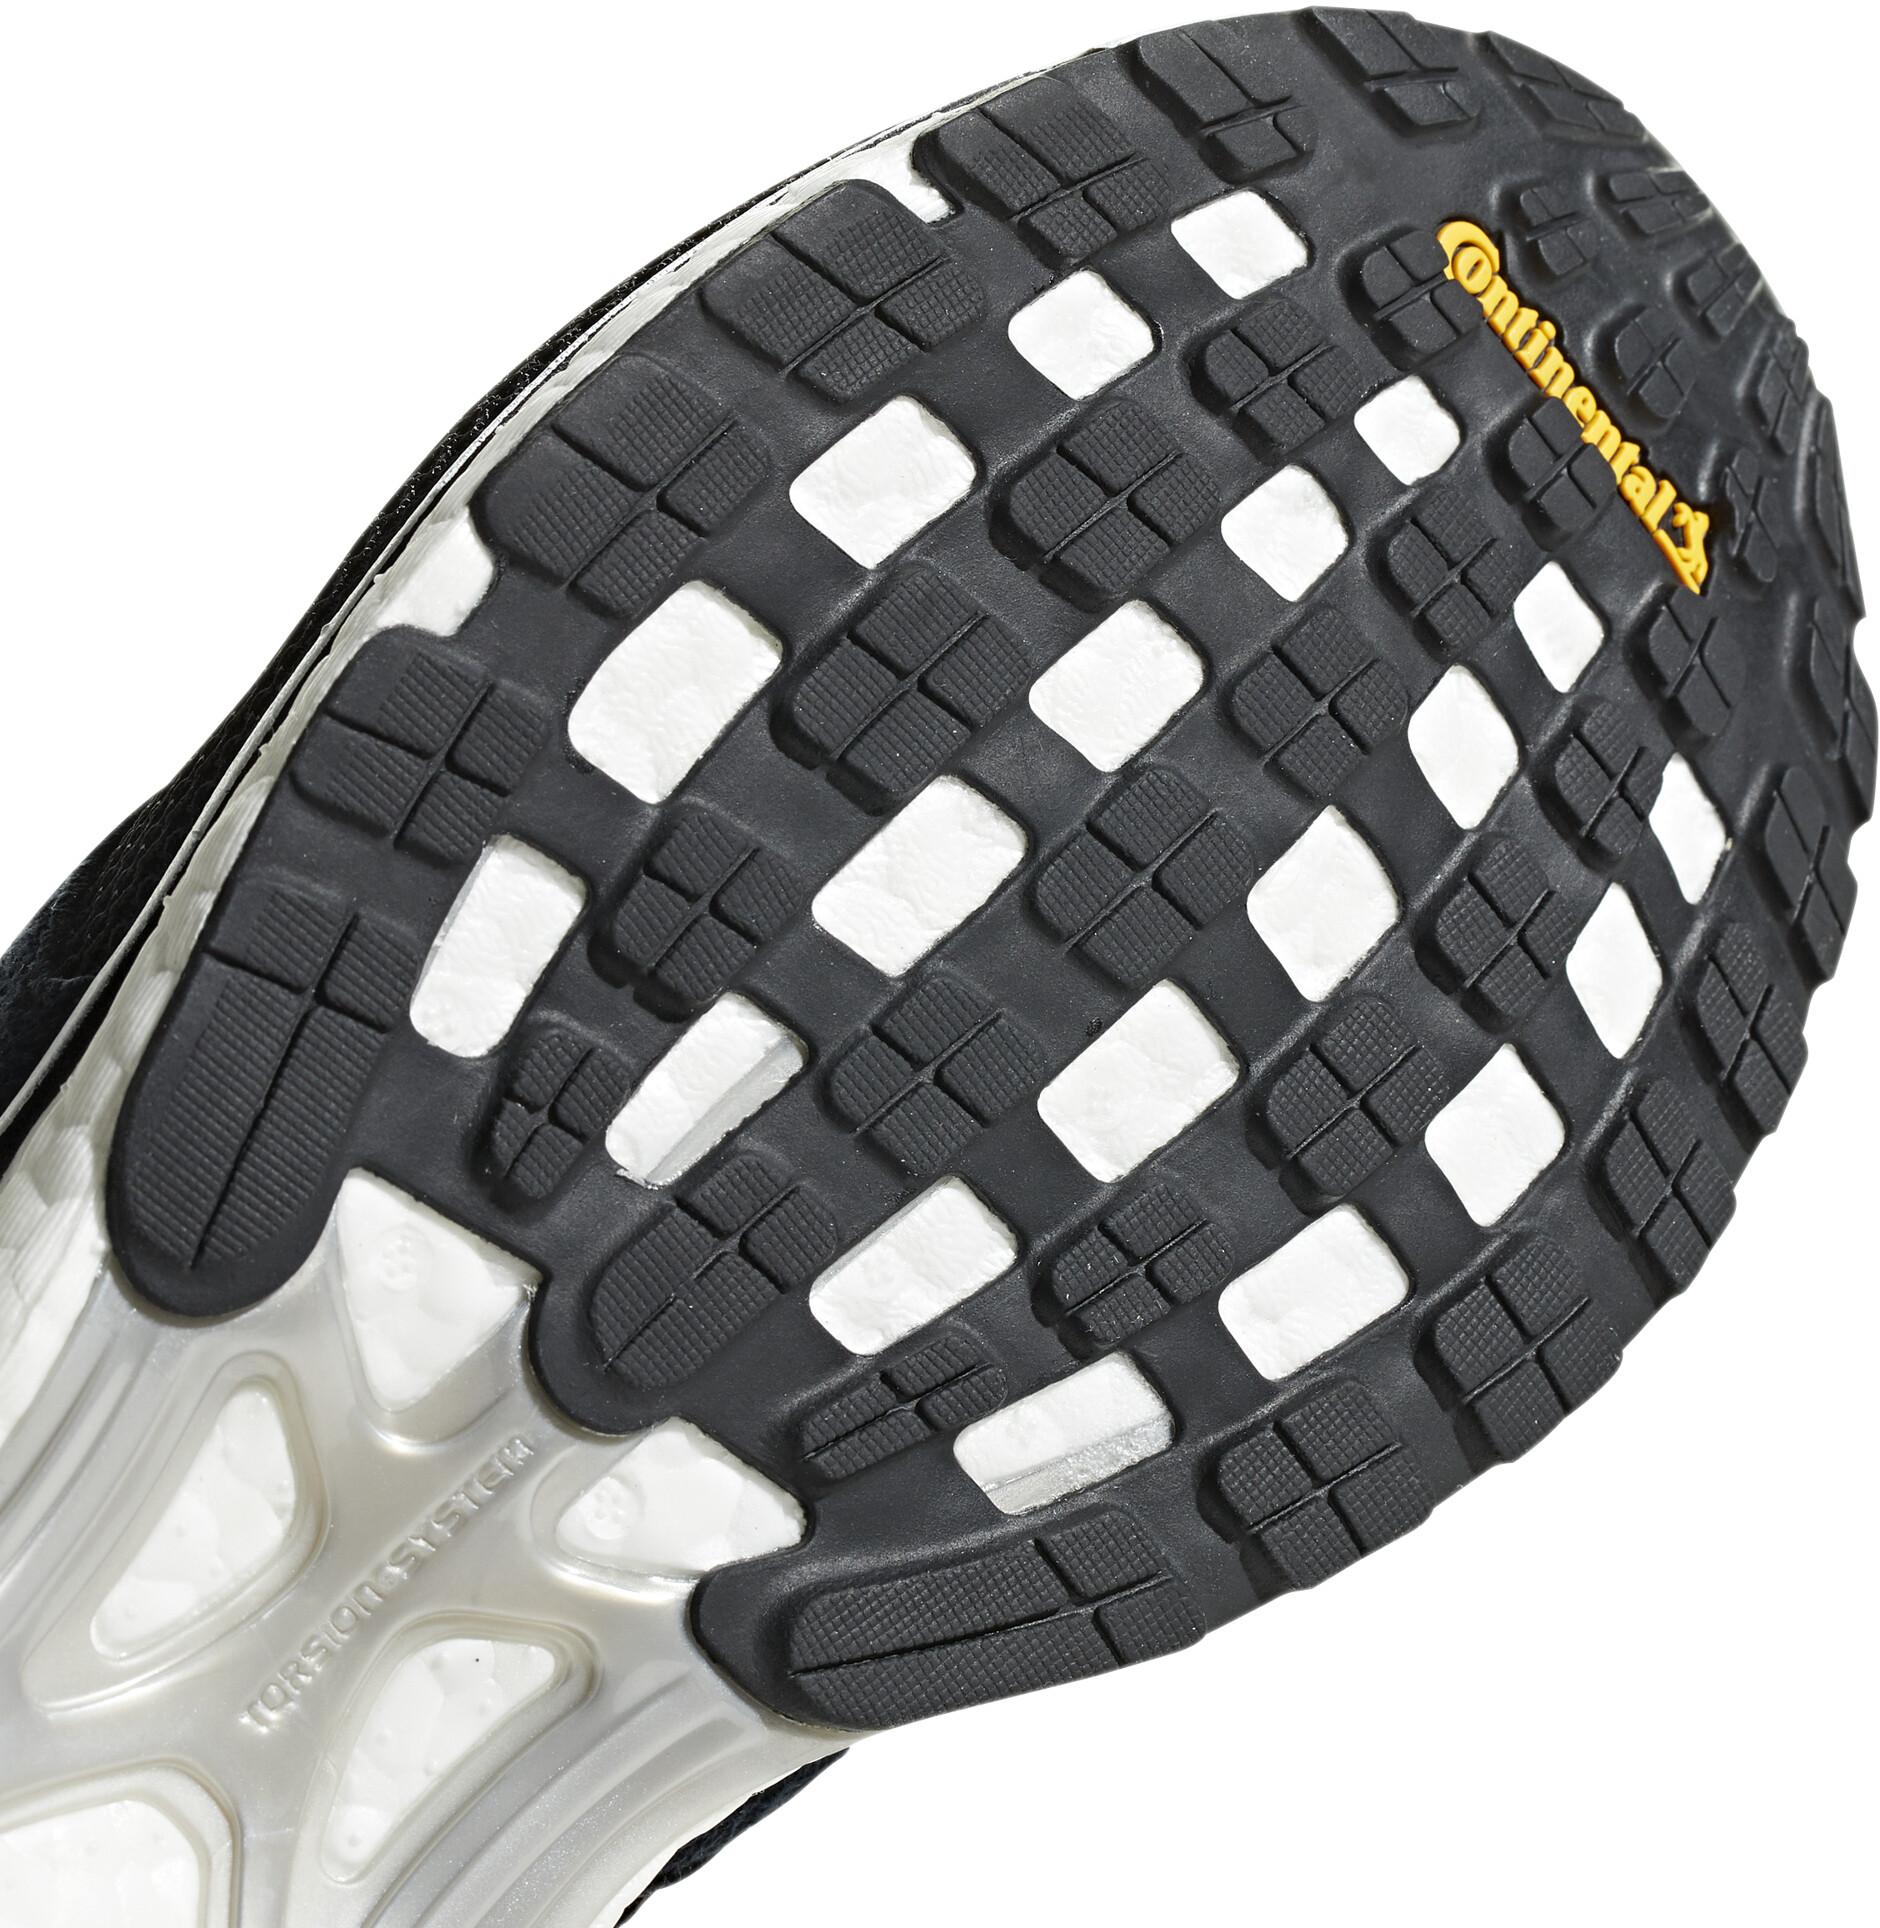 promo code 03a00 32a08 adidas Adizero Adios 4 scarpe da corsa Donna nero